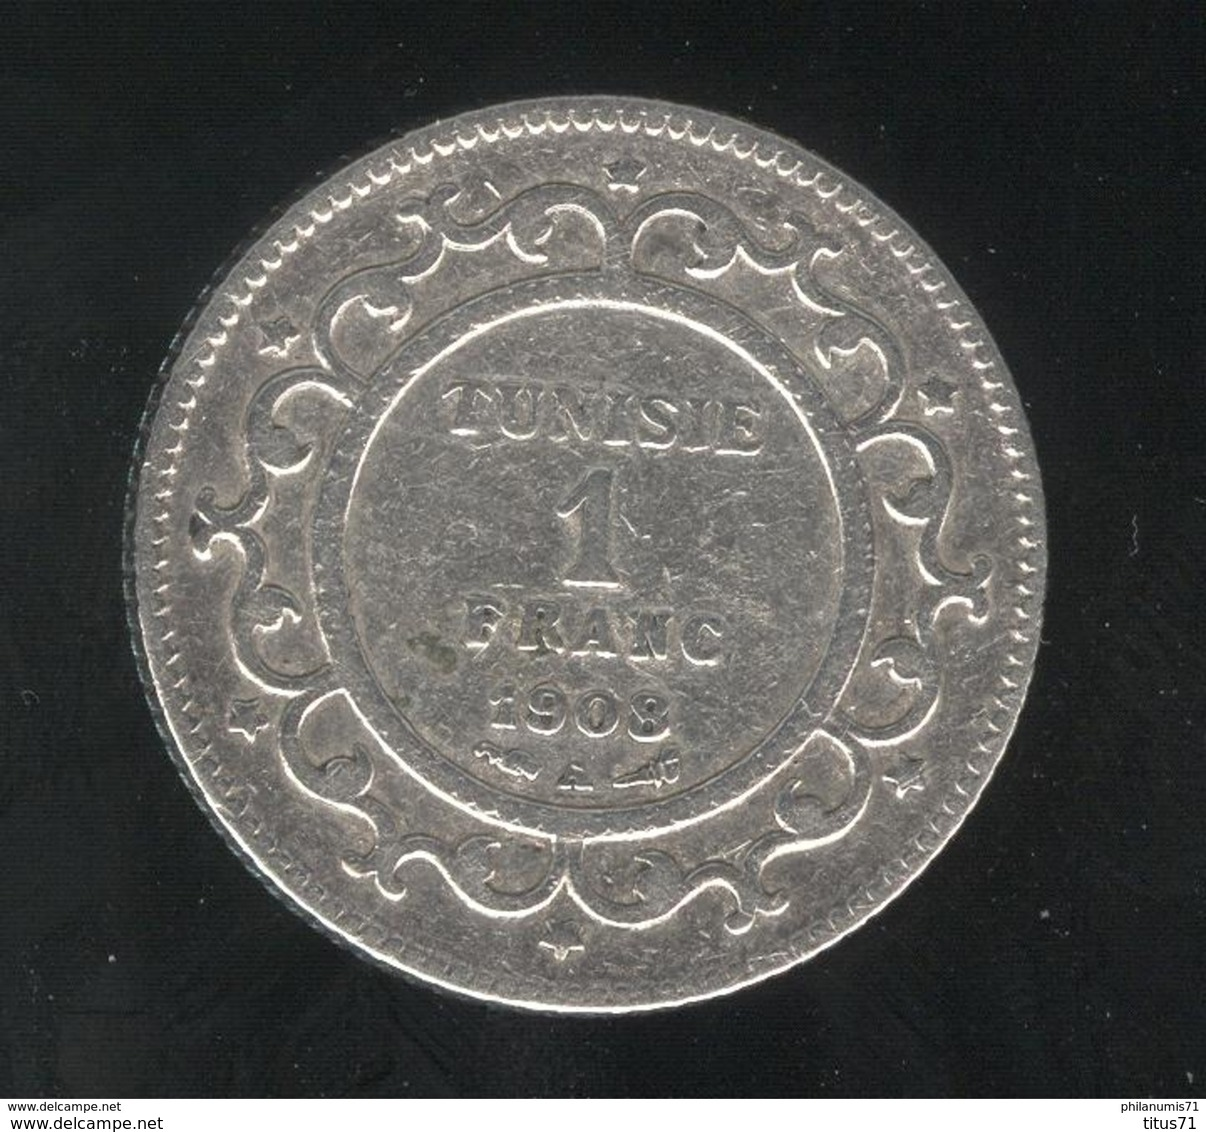 1 Franc Tunisie 1908 A - TTB - Tunisie